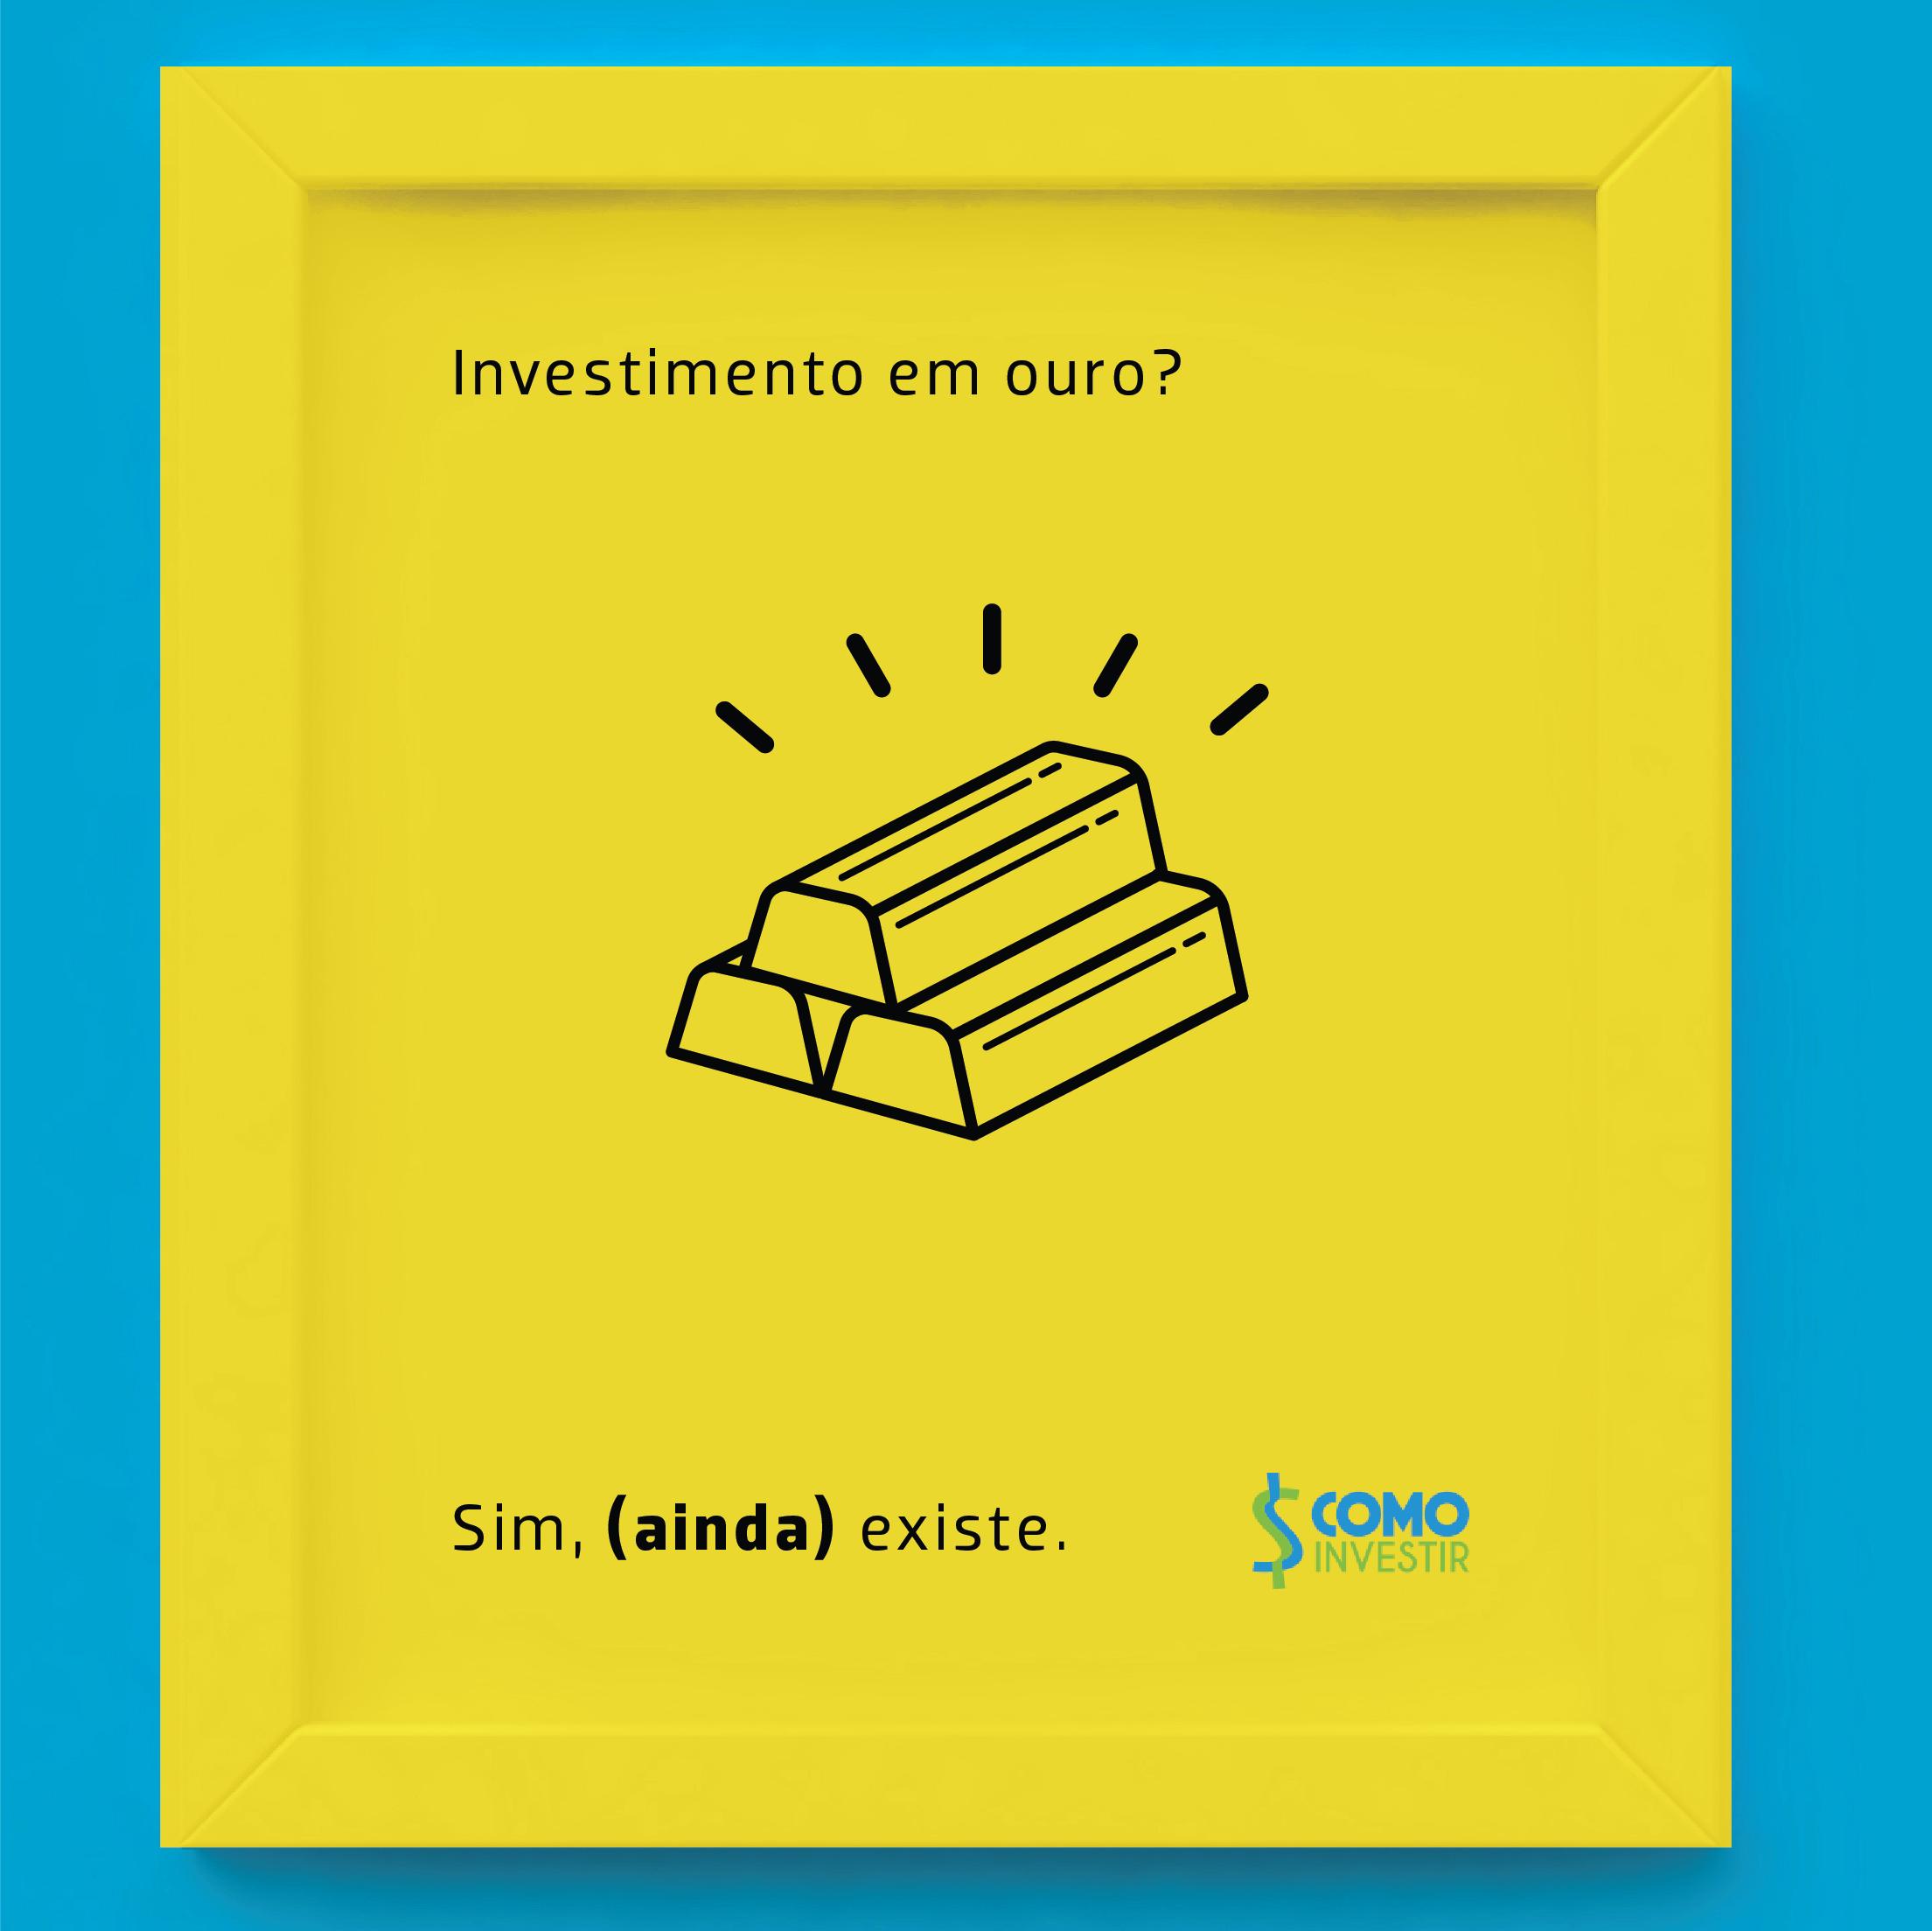 Investimento em ouro: ainda existe? Sim, senhor